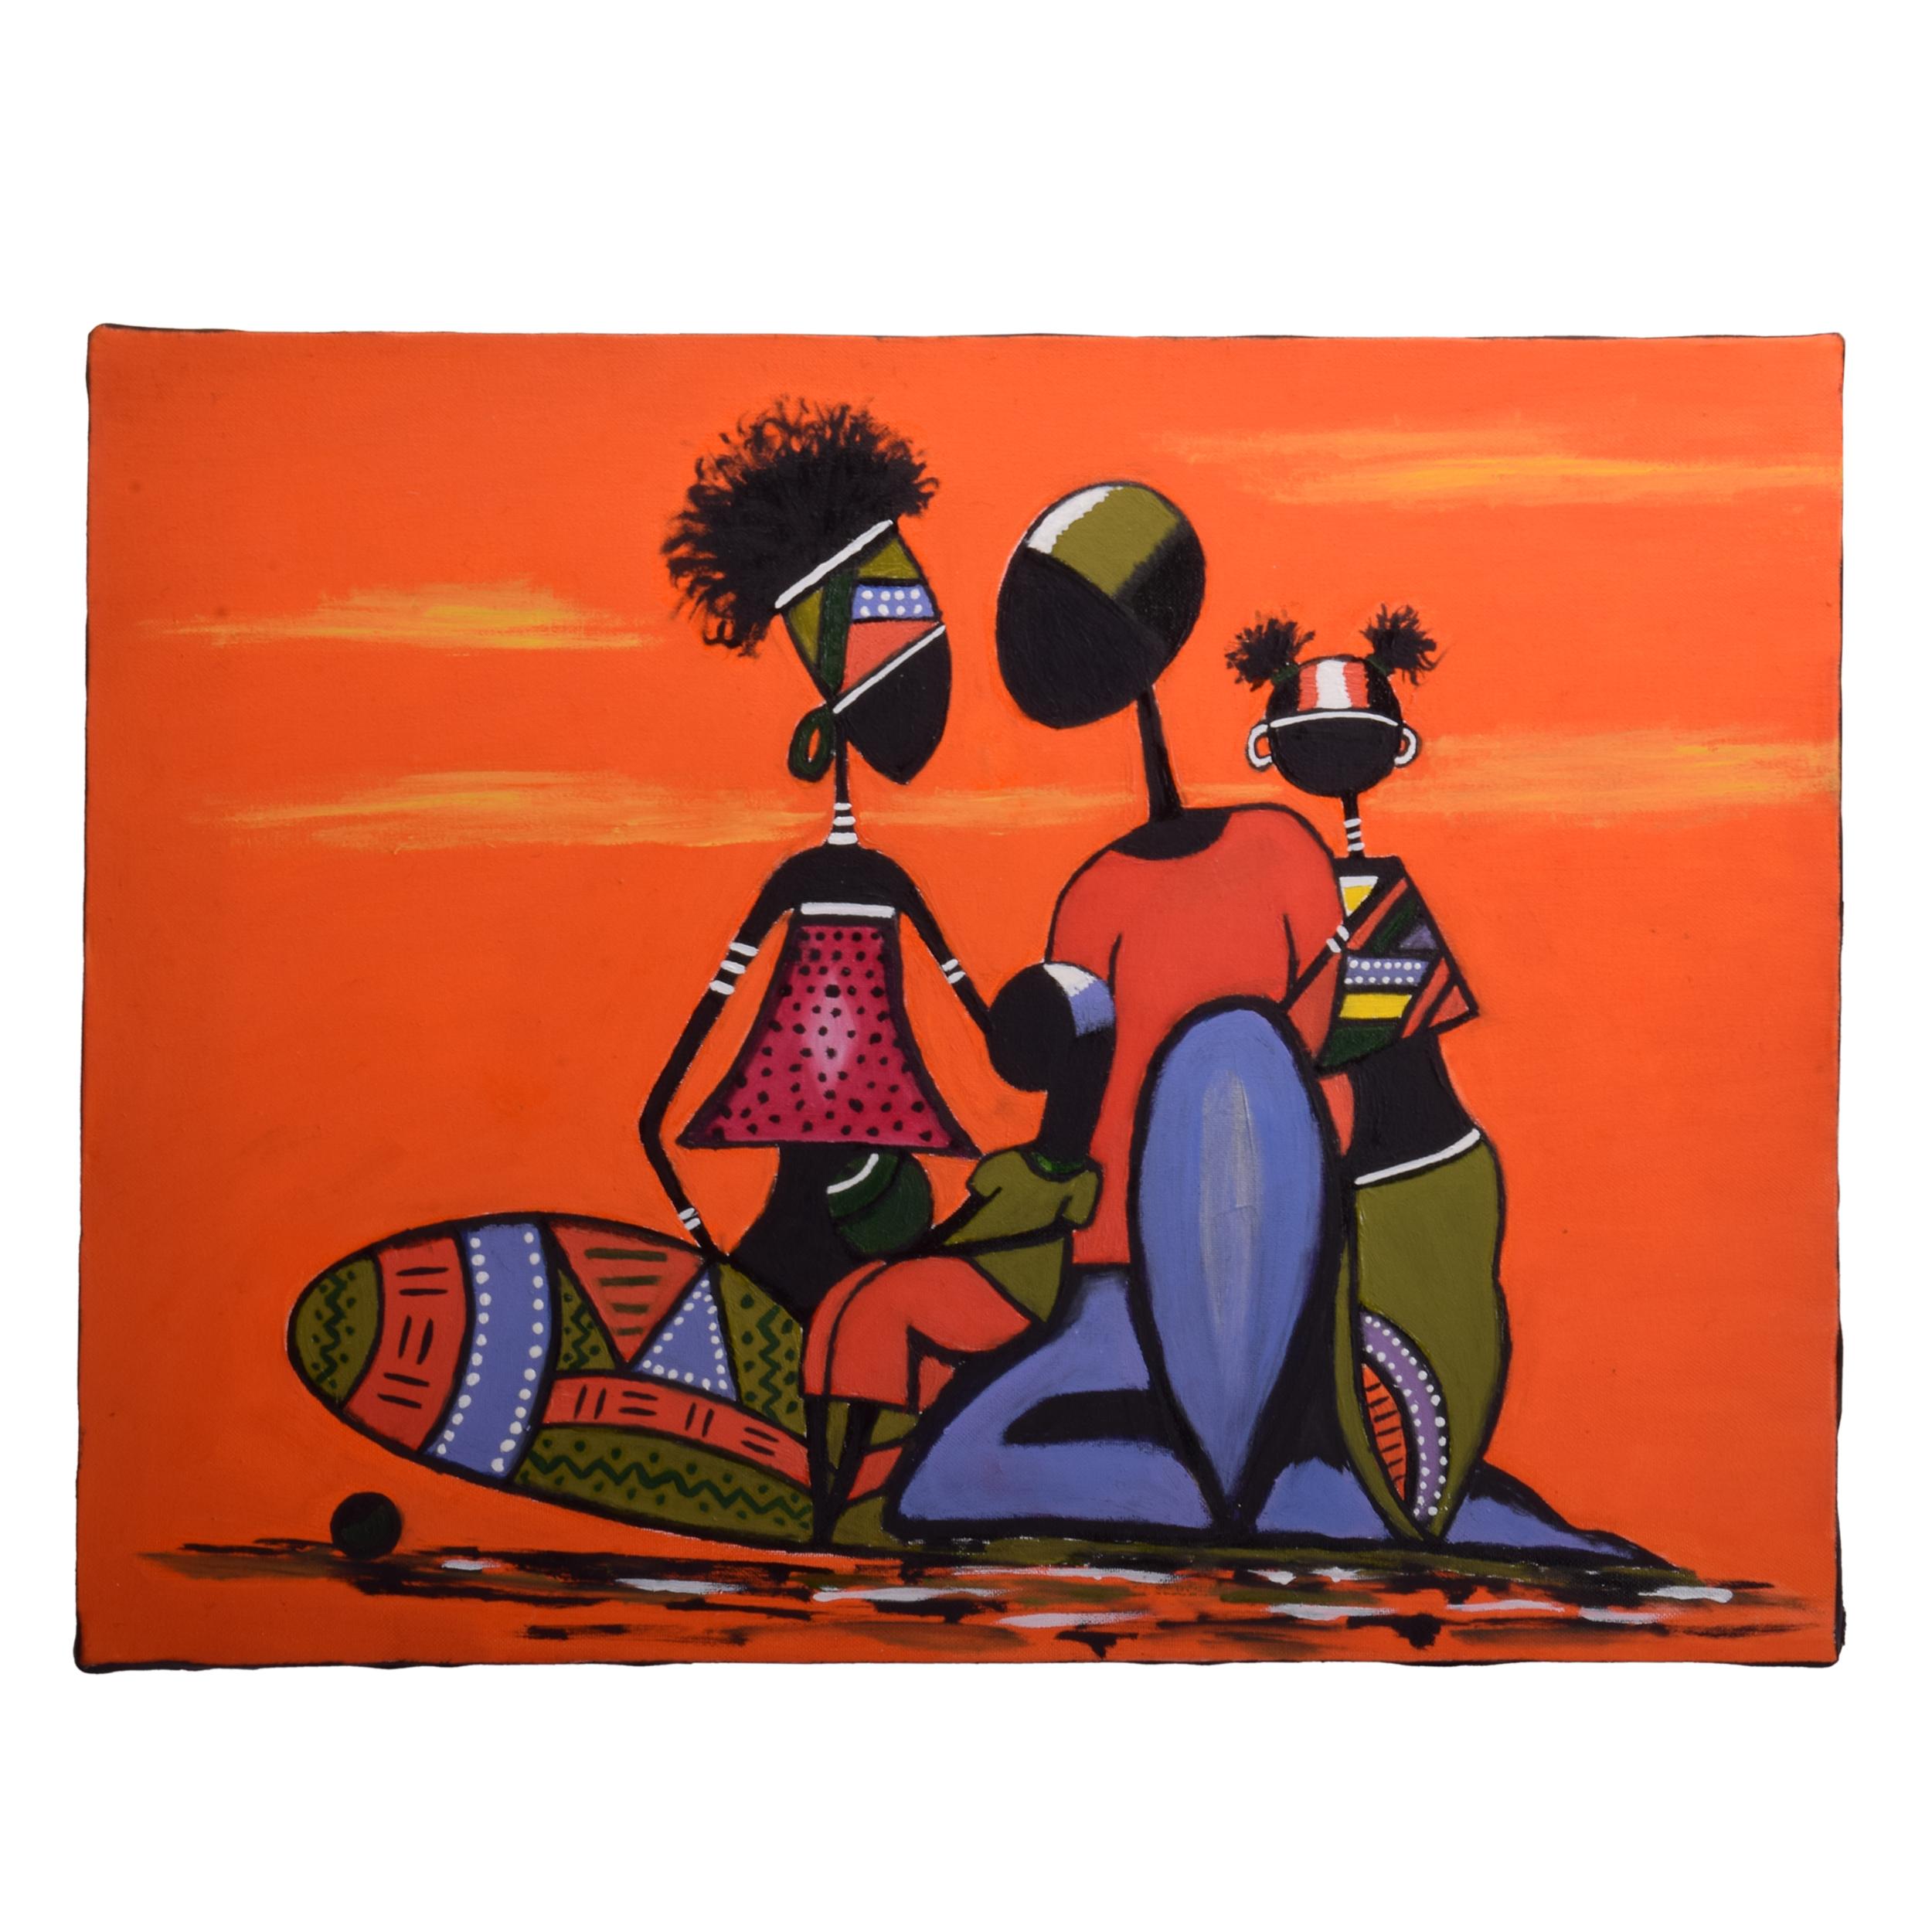 خرید                      تابلو نقاشی رنگ روغن کد 88869 ابعاد 30x40 سانتی متر